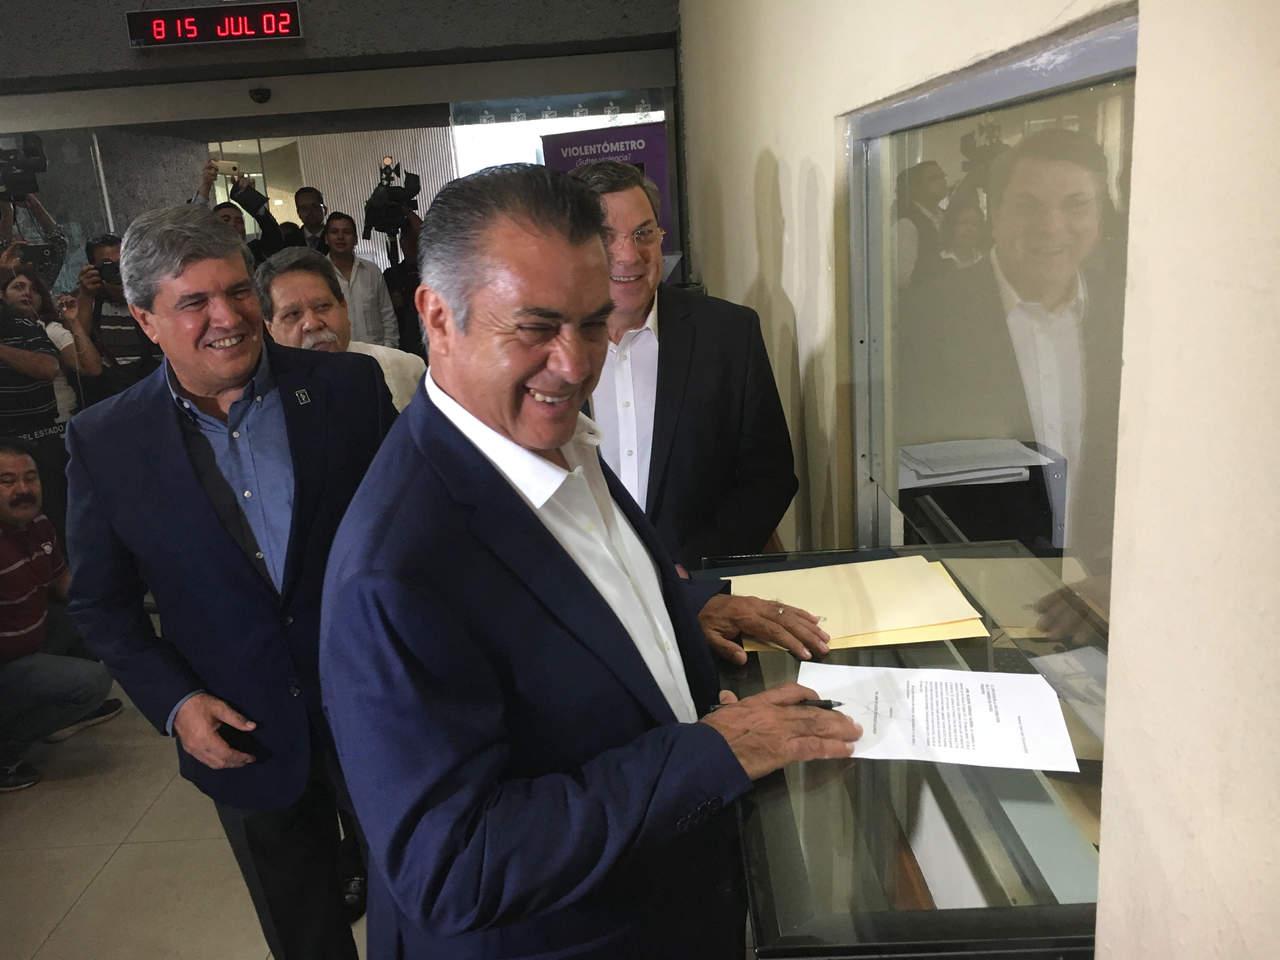 El Bronco anuncia cambios en gobierno de Nuevo León. Noticias en tiempo real